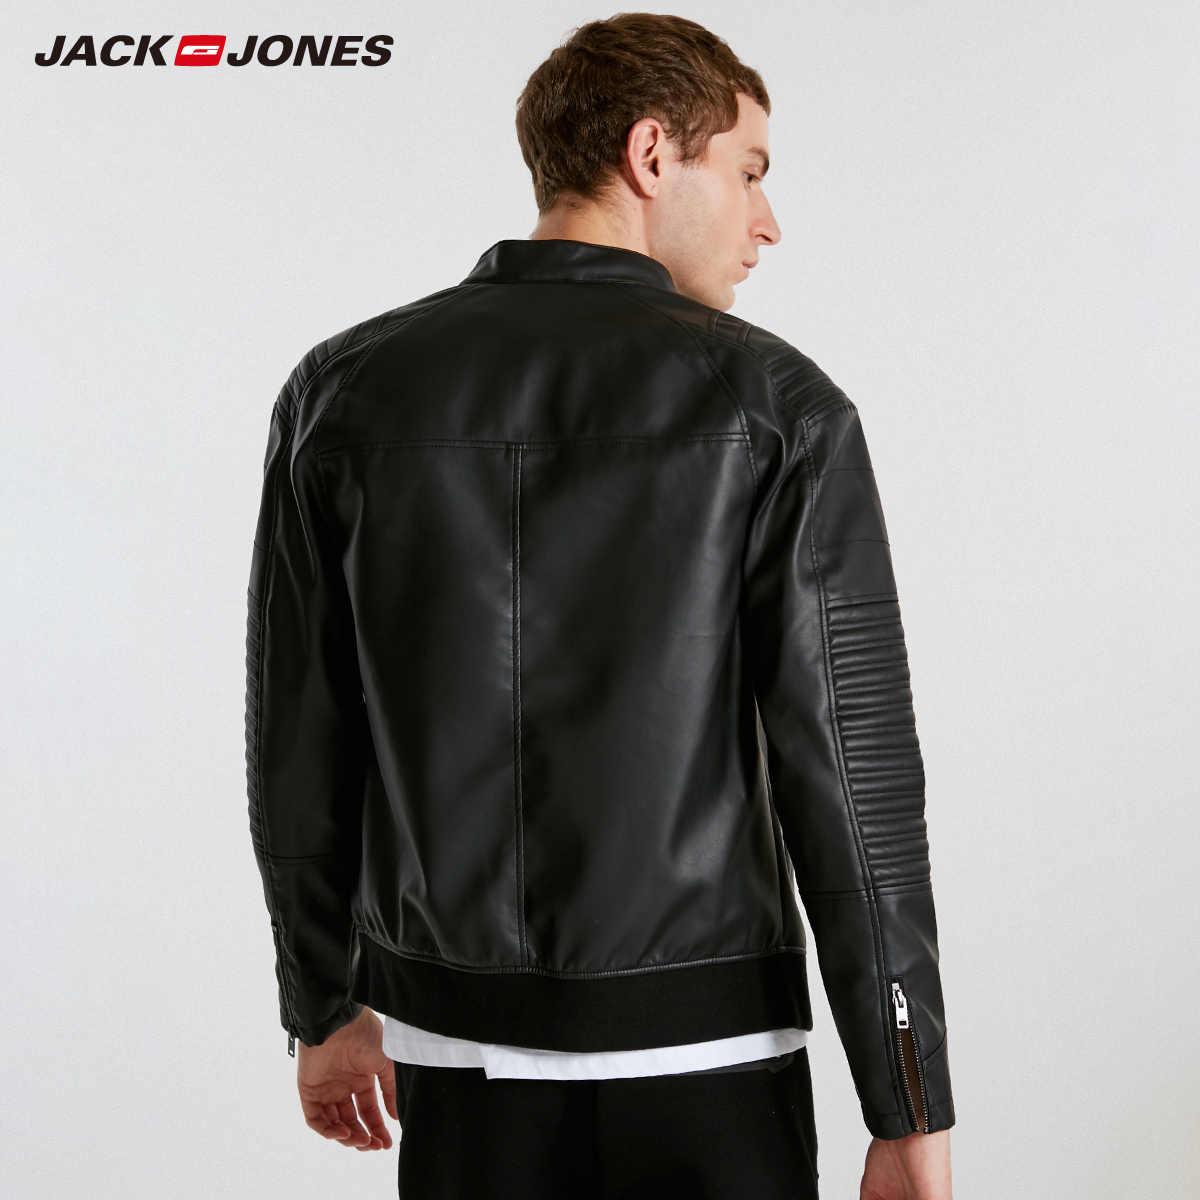 JackJones Мужская Весенняя повседневная куртка из искусственной кожи узкое повседневное пальто Мужская брендовая одежда модные пальто Мужская Верхняя одежда для байкеров C | 218321558